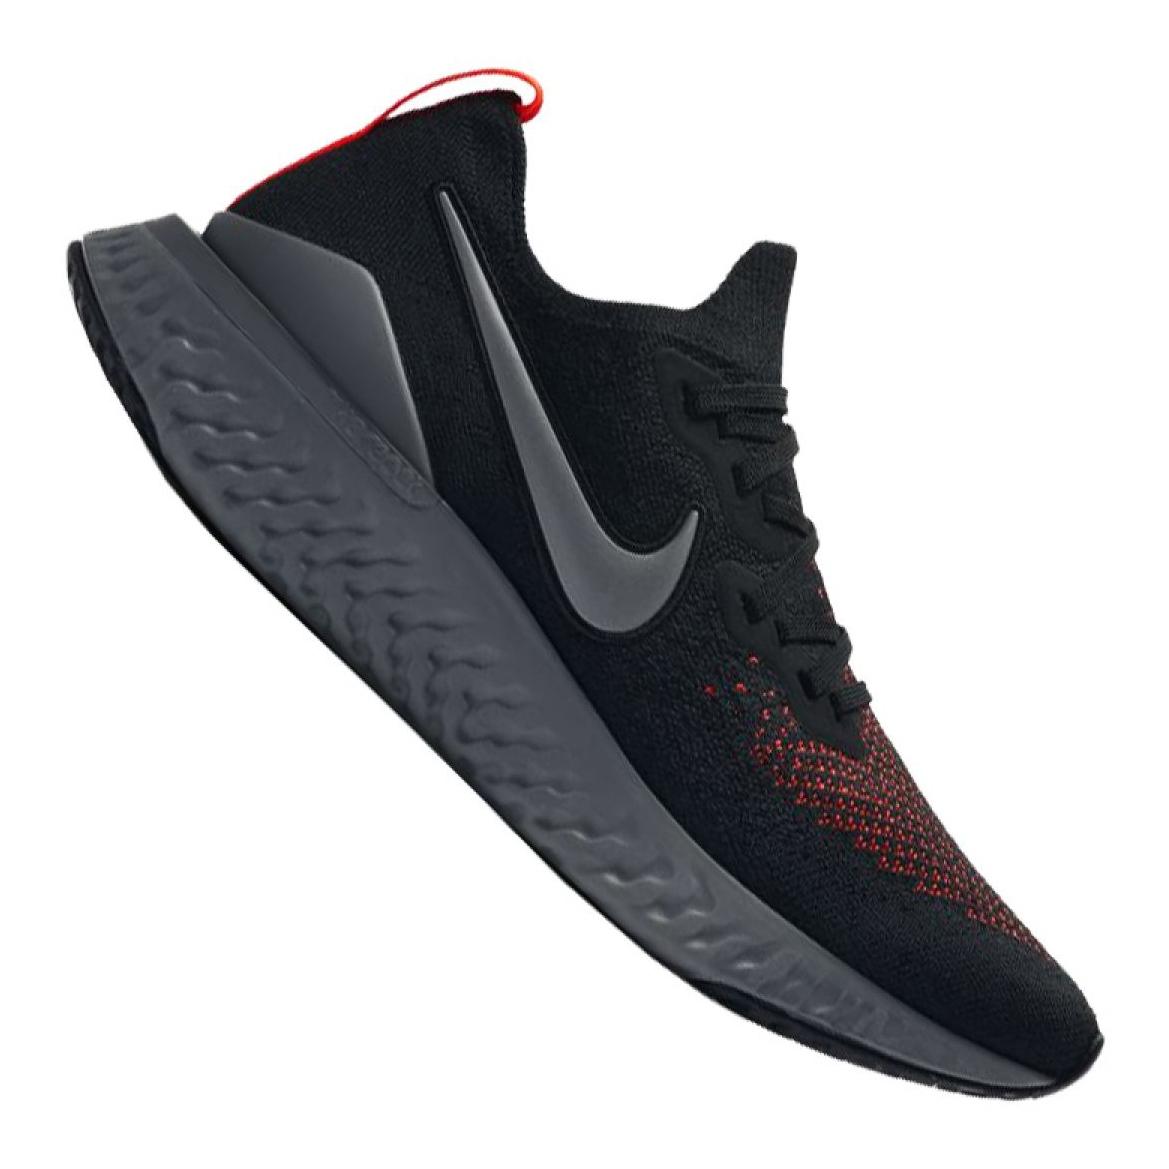 Las zapatillas de running Nike Epic React Flyknit 2 en su